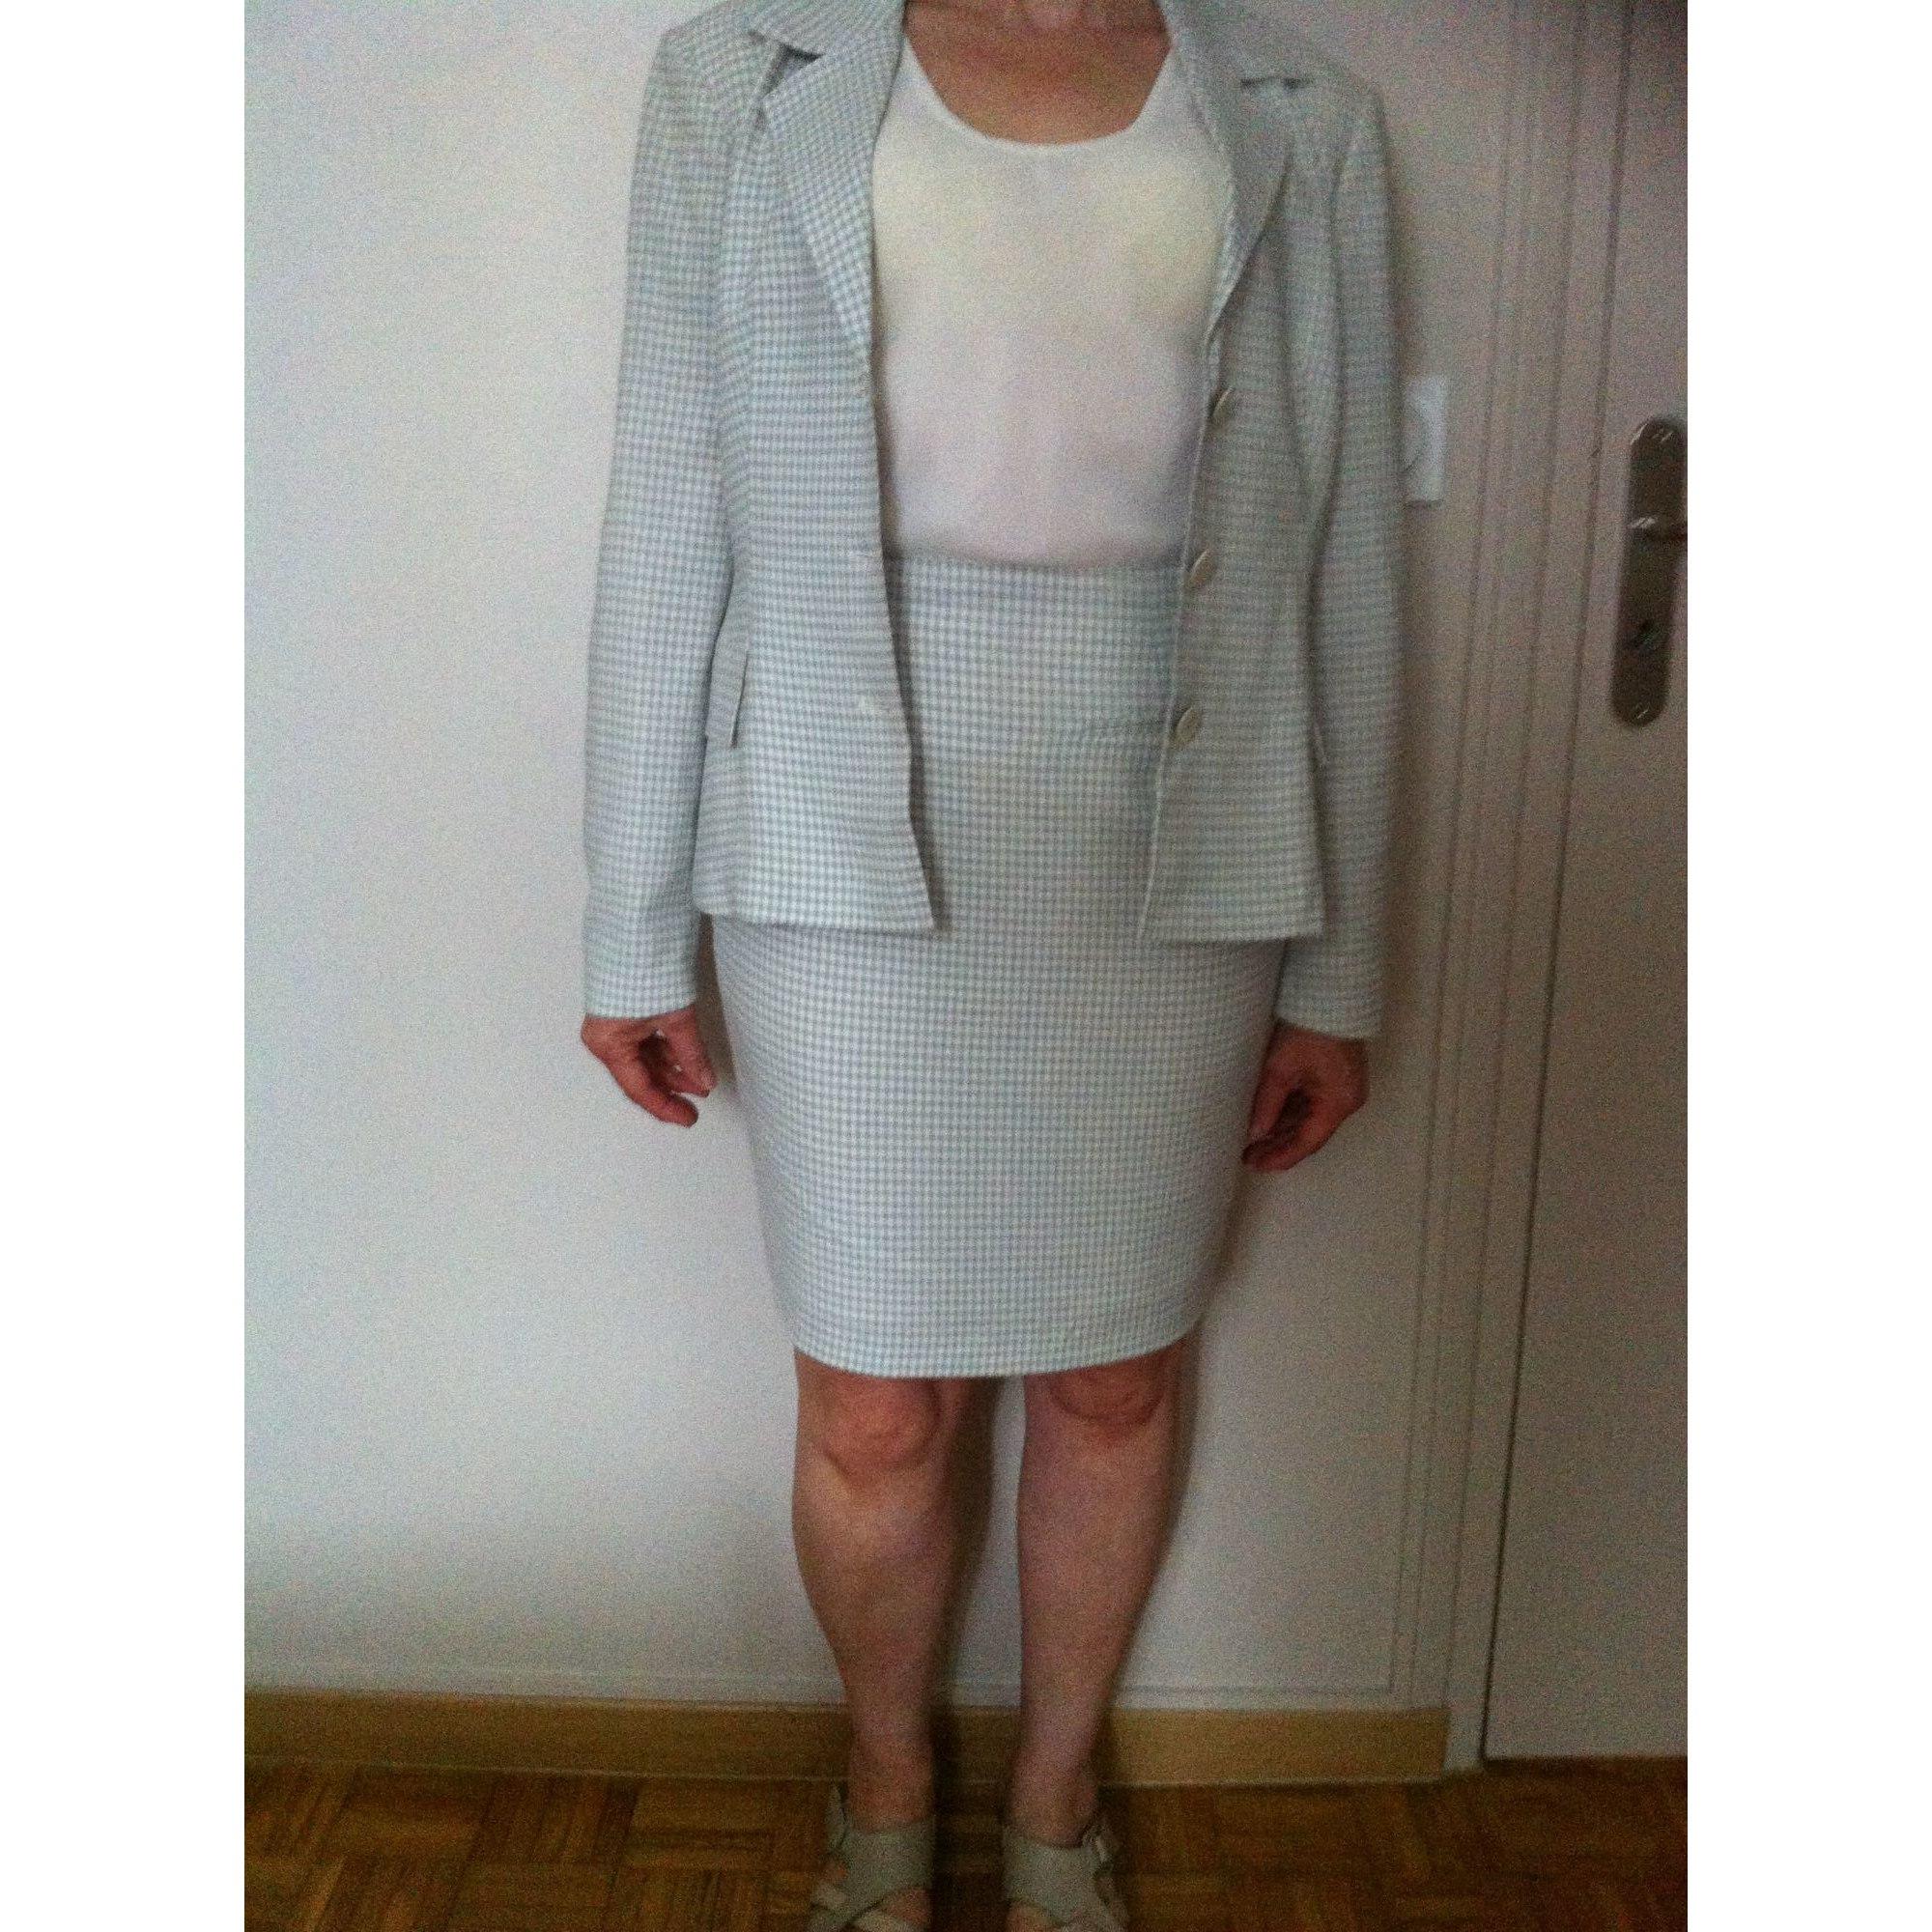 Tailleur jupe DANIEL D Petits carreaux blanc cassé et gris clair